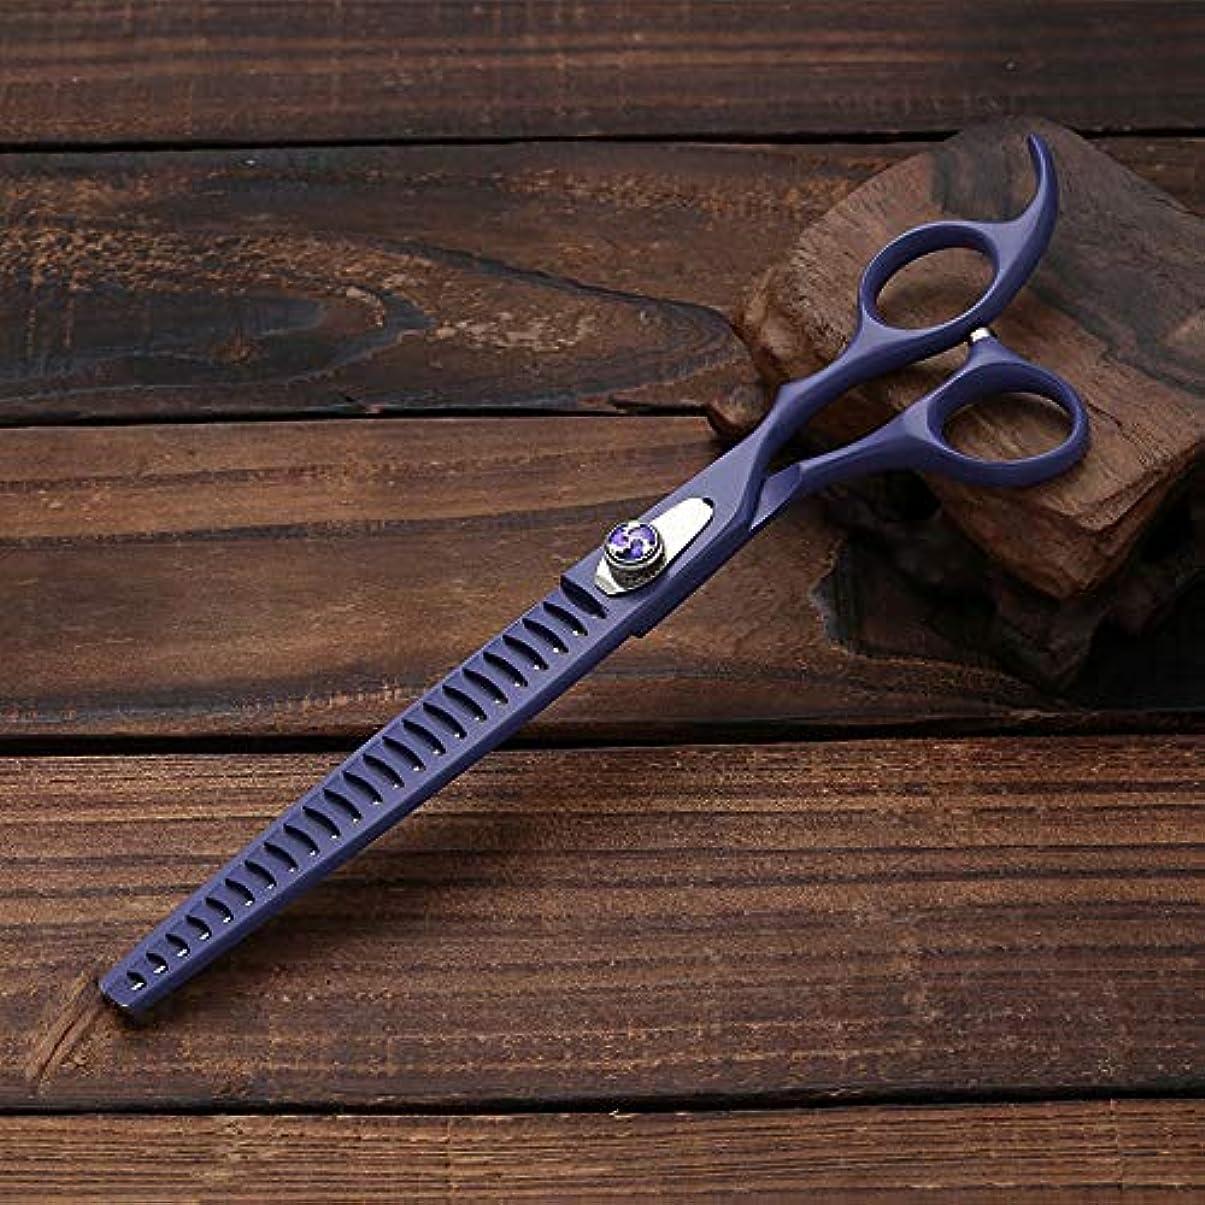 ウェーハ枠これまでWASAIO ペットの歯のカットはさみ美容はさみ髪はハサミプロフェッショナルステンレス理容はさみセット8.0インチスリップ (色 : 紫の)